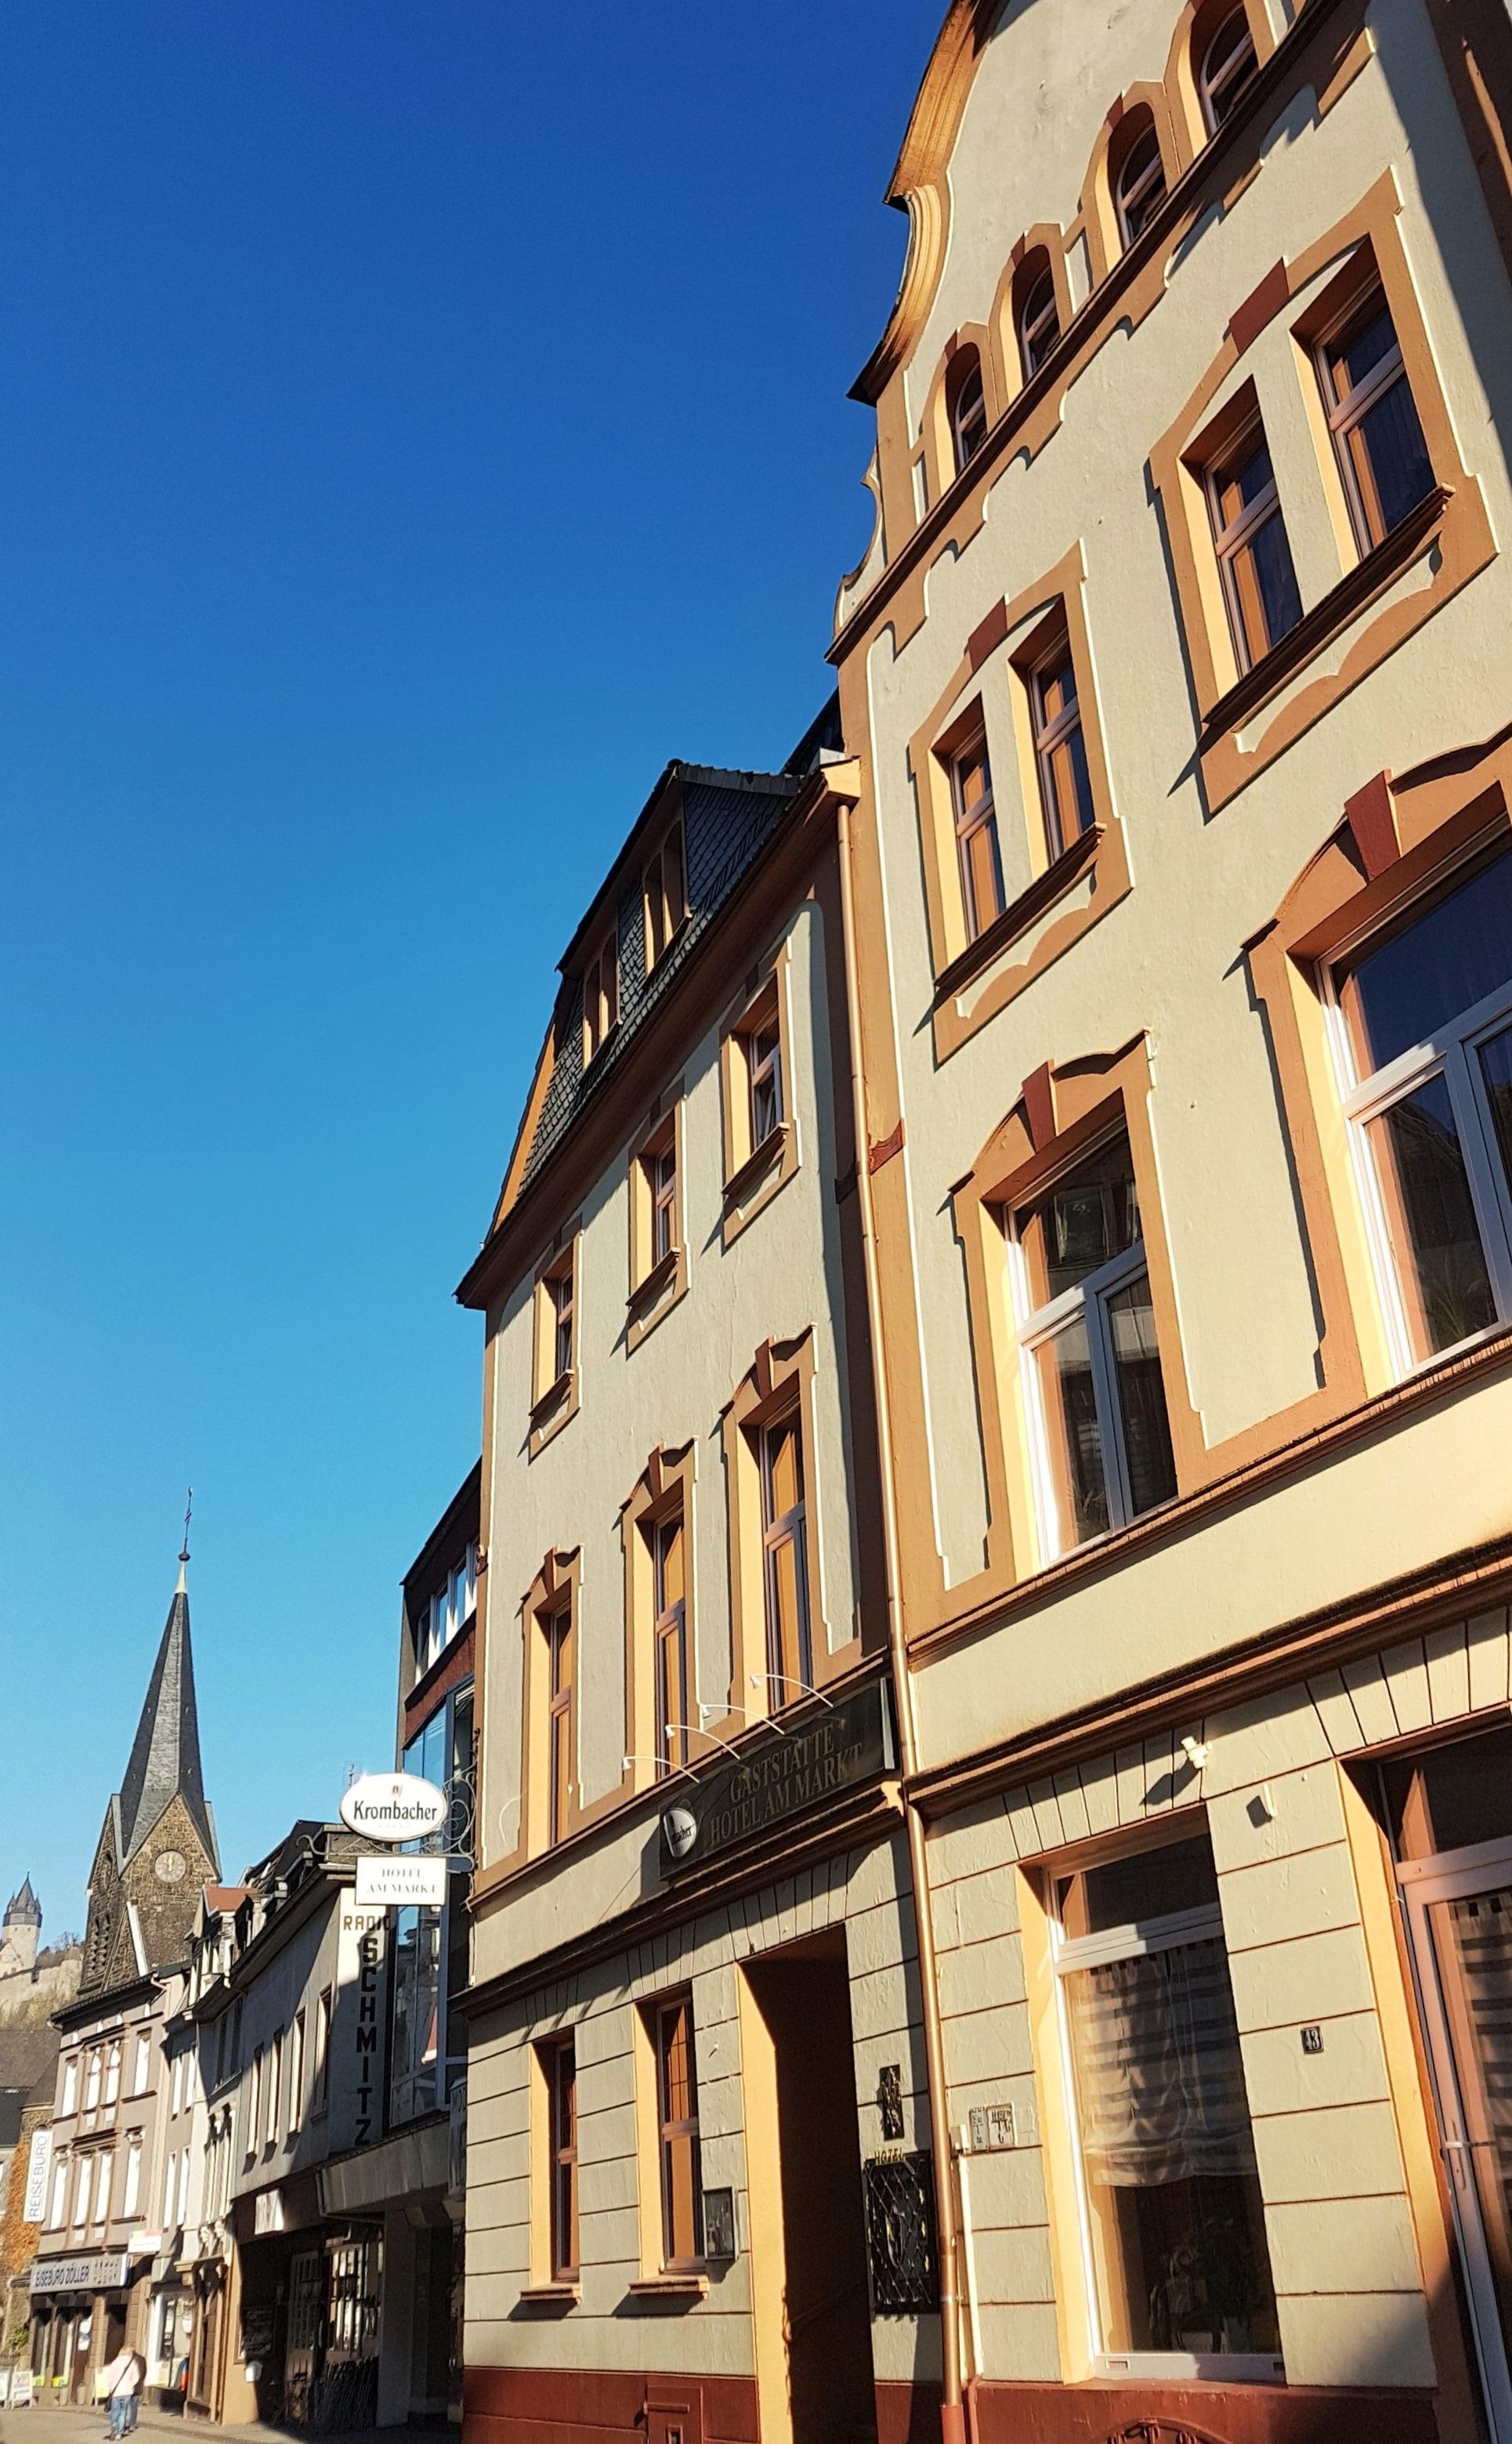 Hotel am Markt mit Burg Altena